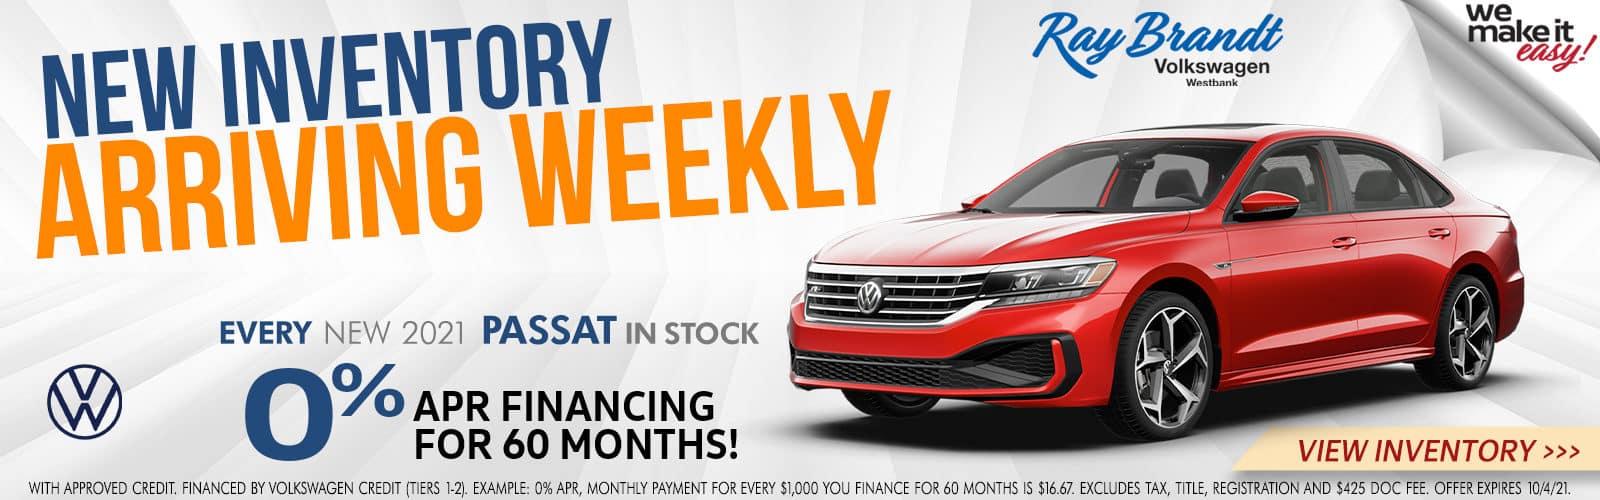 New Inventory Arriving Weekly Volkswagen Passat for Sale